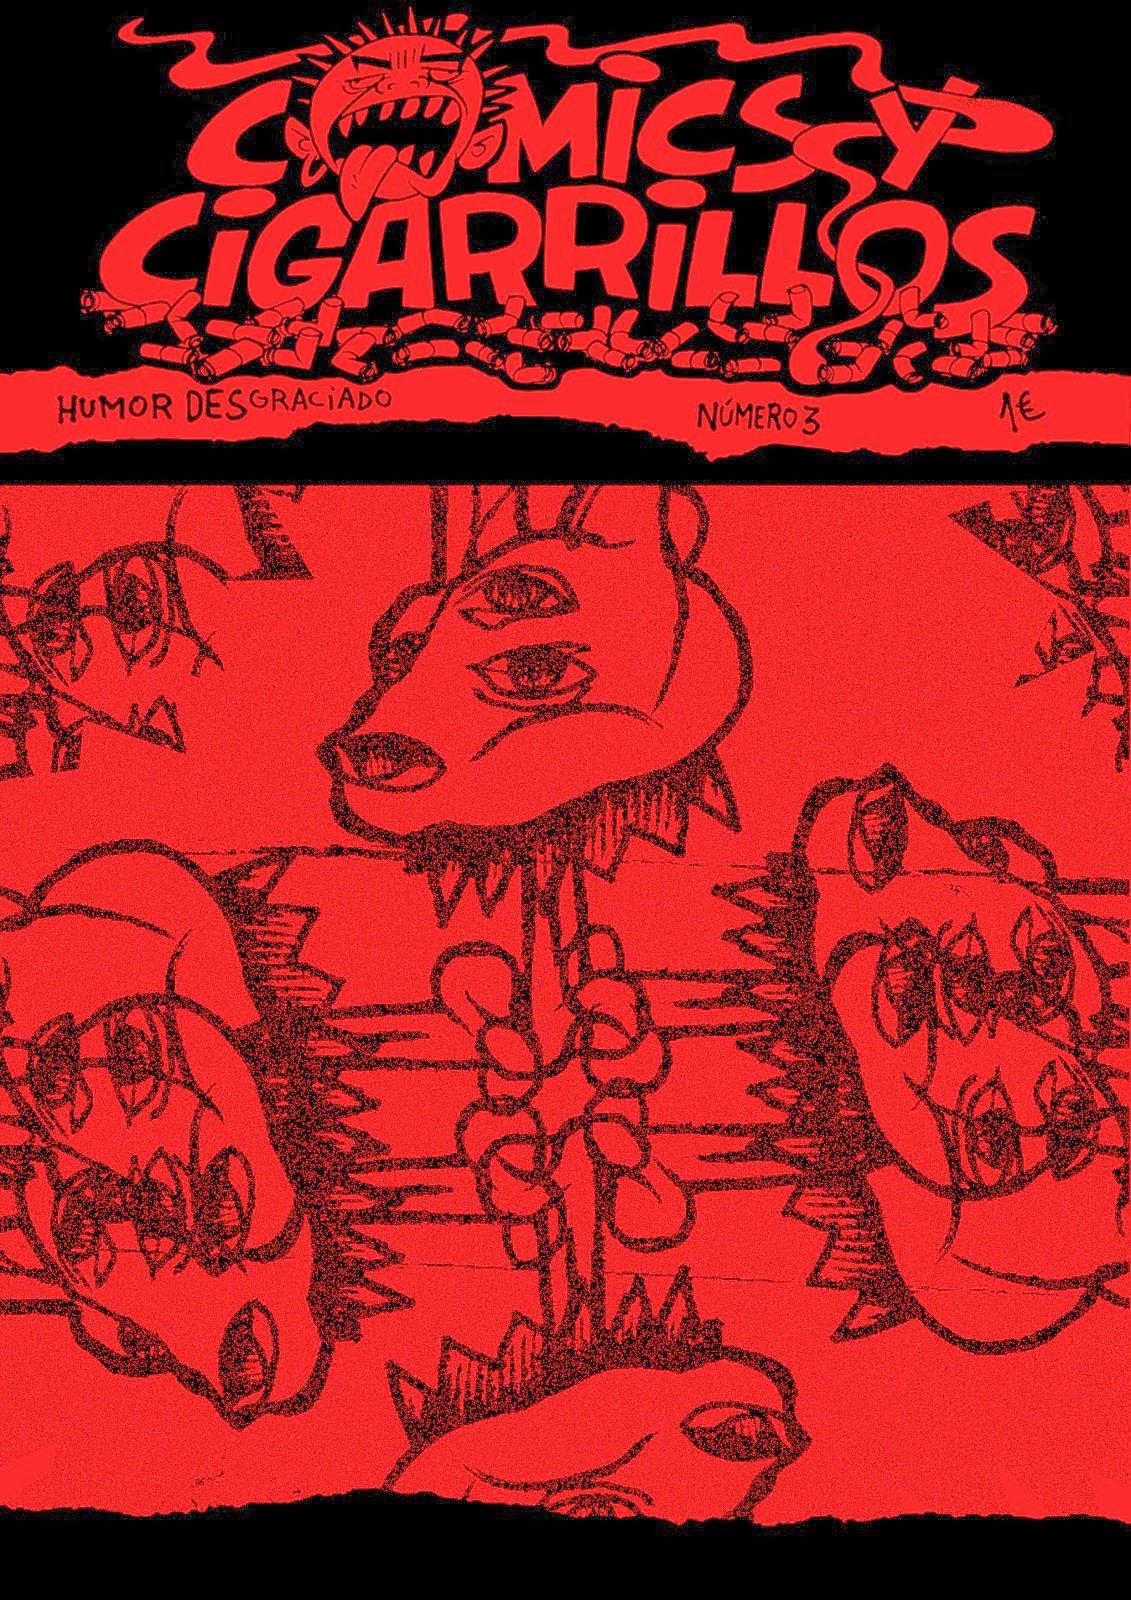 Cómics y Cigarrillos #3